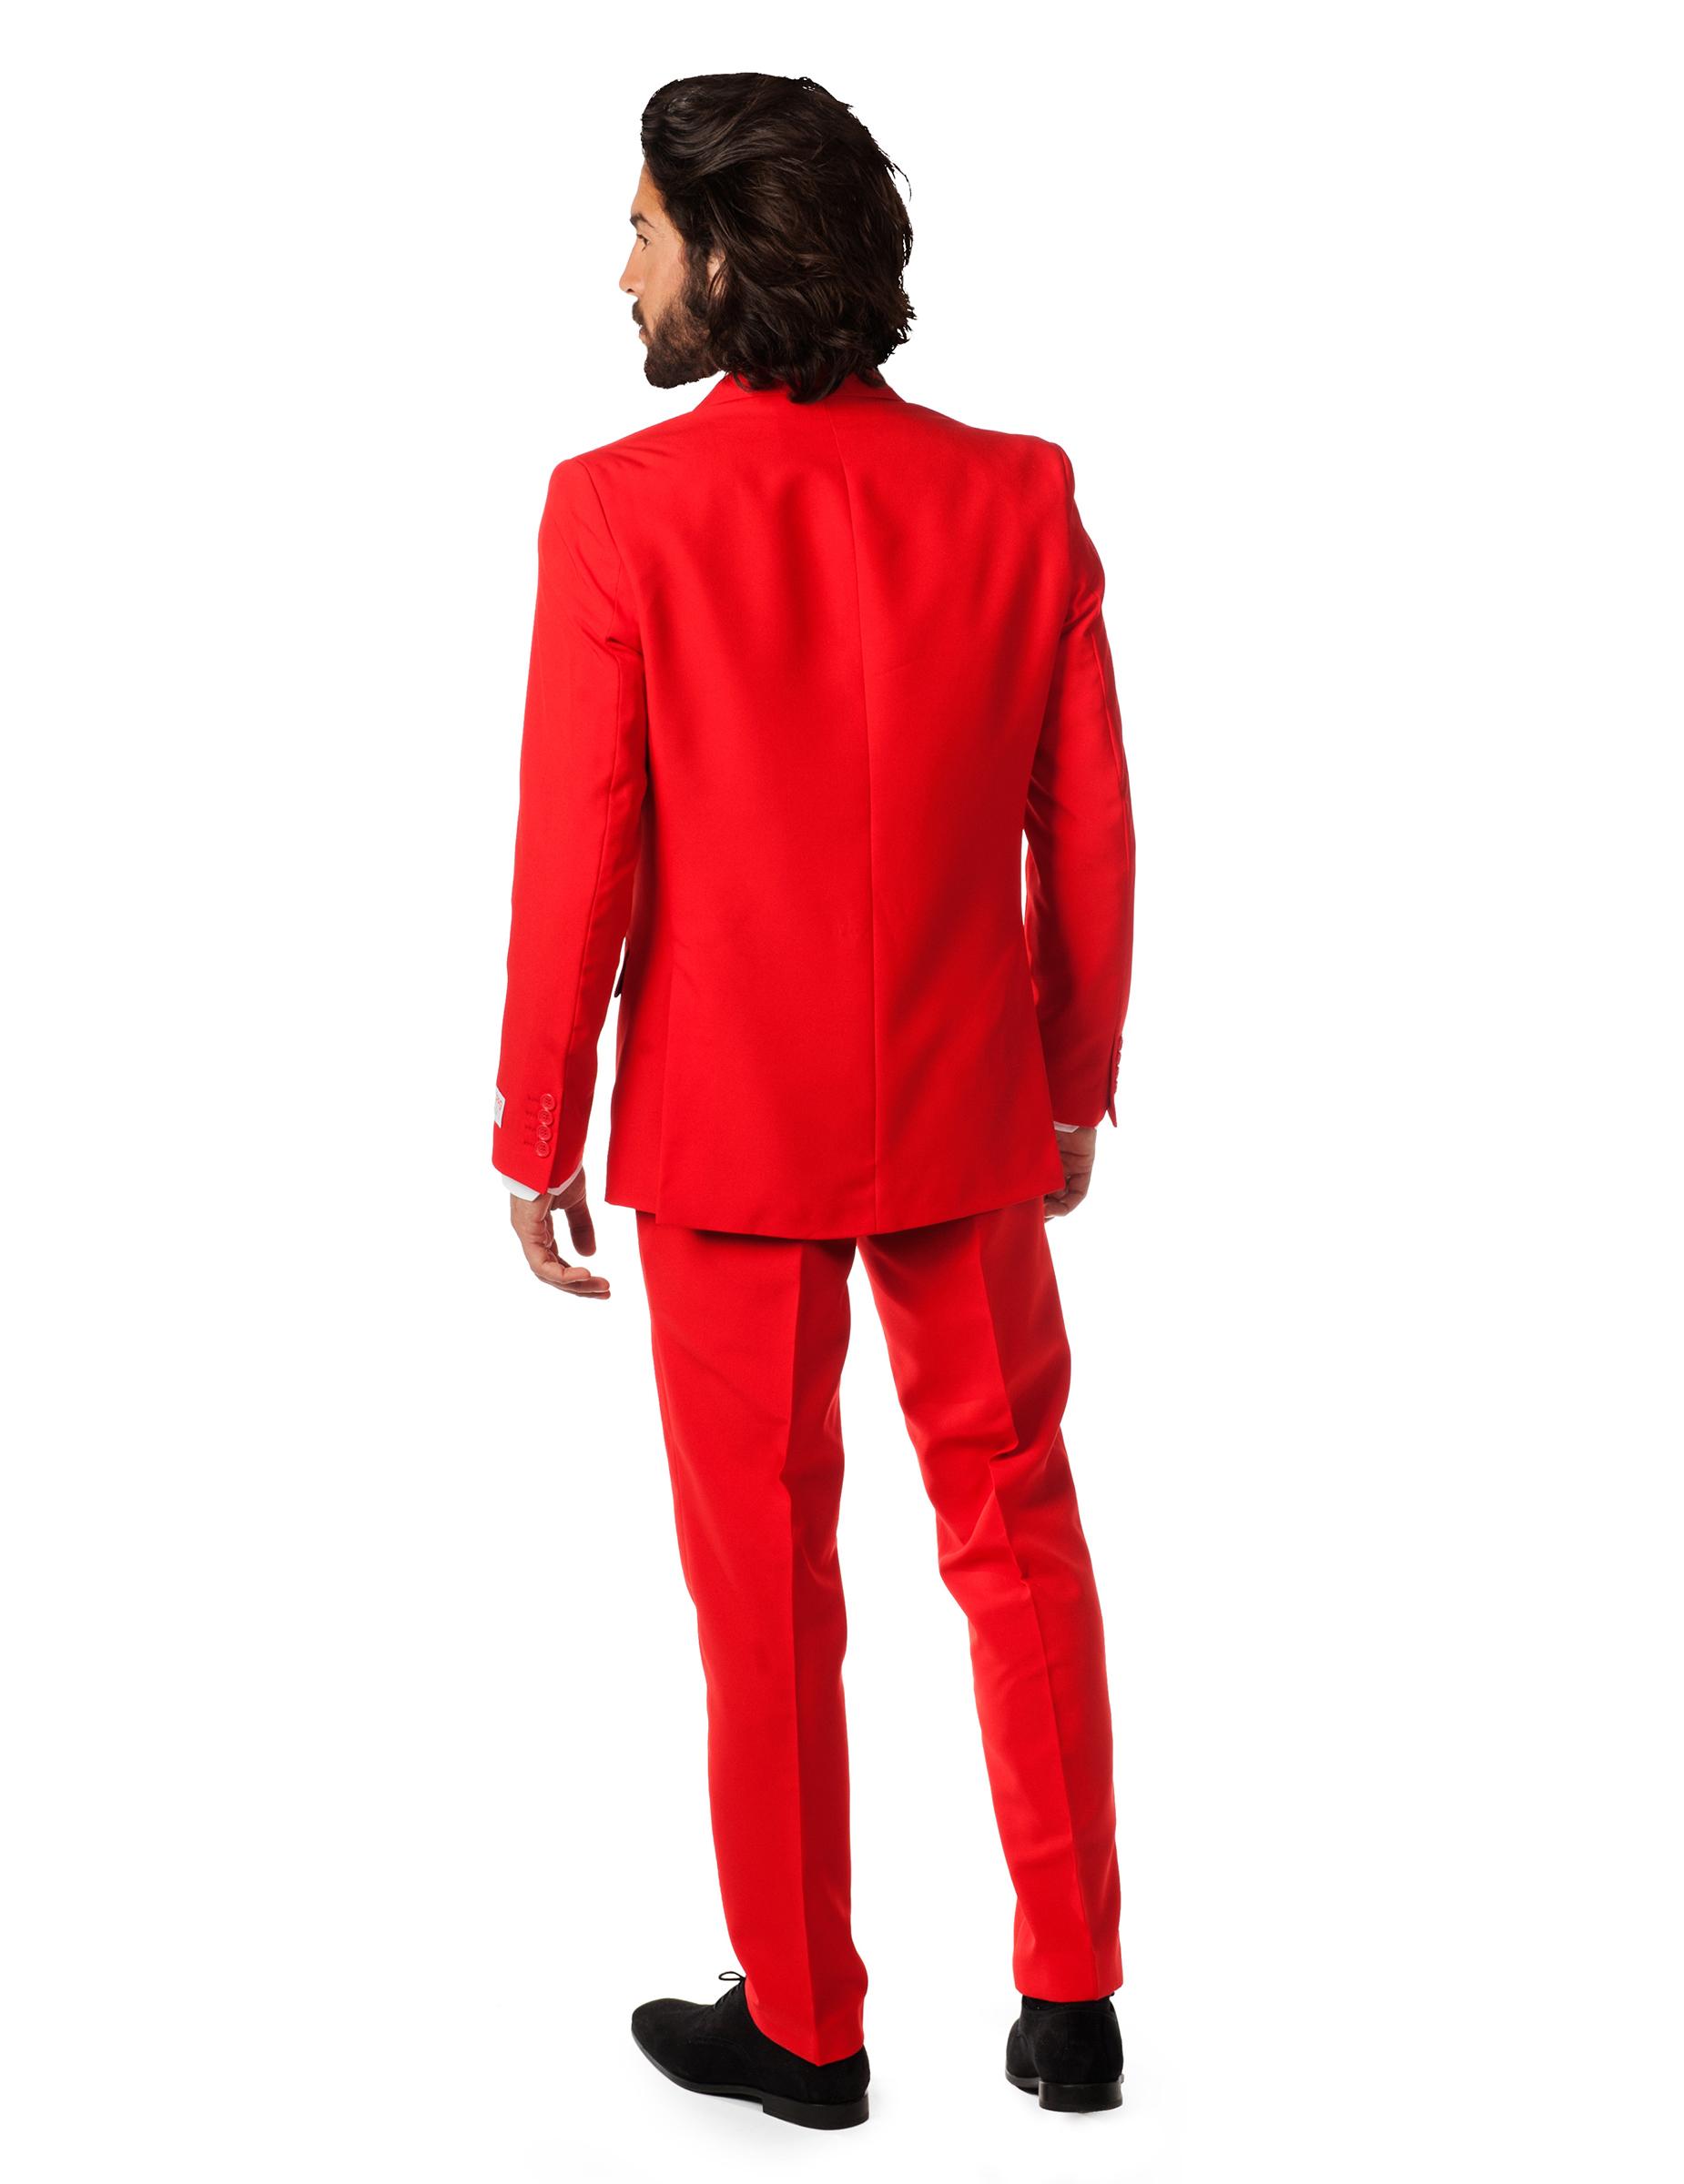 costume mr rouge endiabl homme opposuits deguise toi achat de d guisements adultes. Black Bedroom Furniture Sets. Home Design Ideas